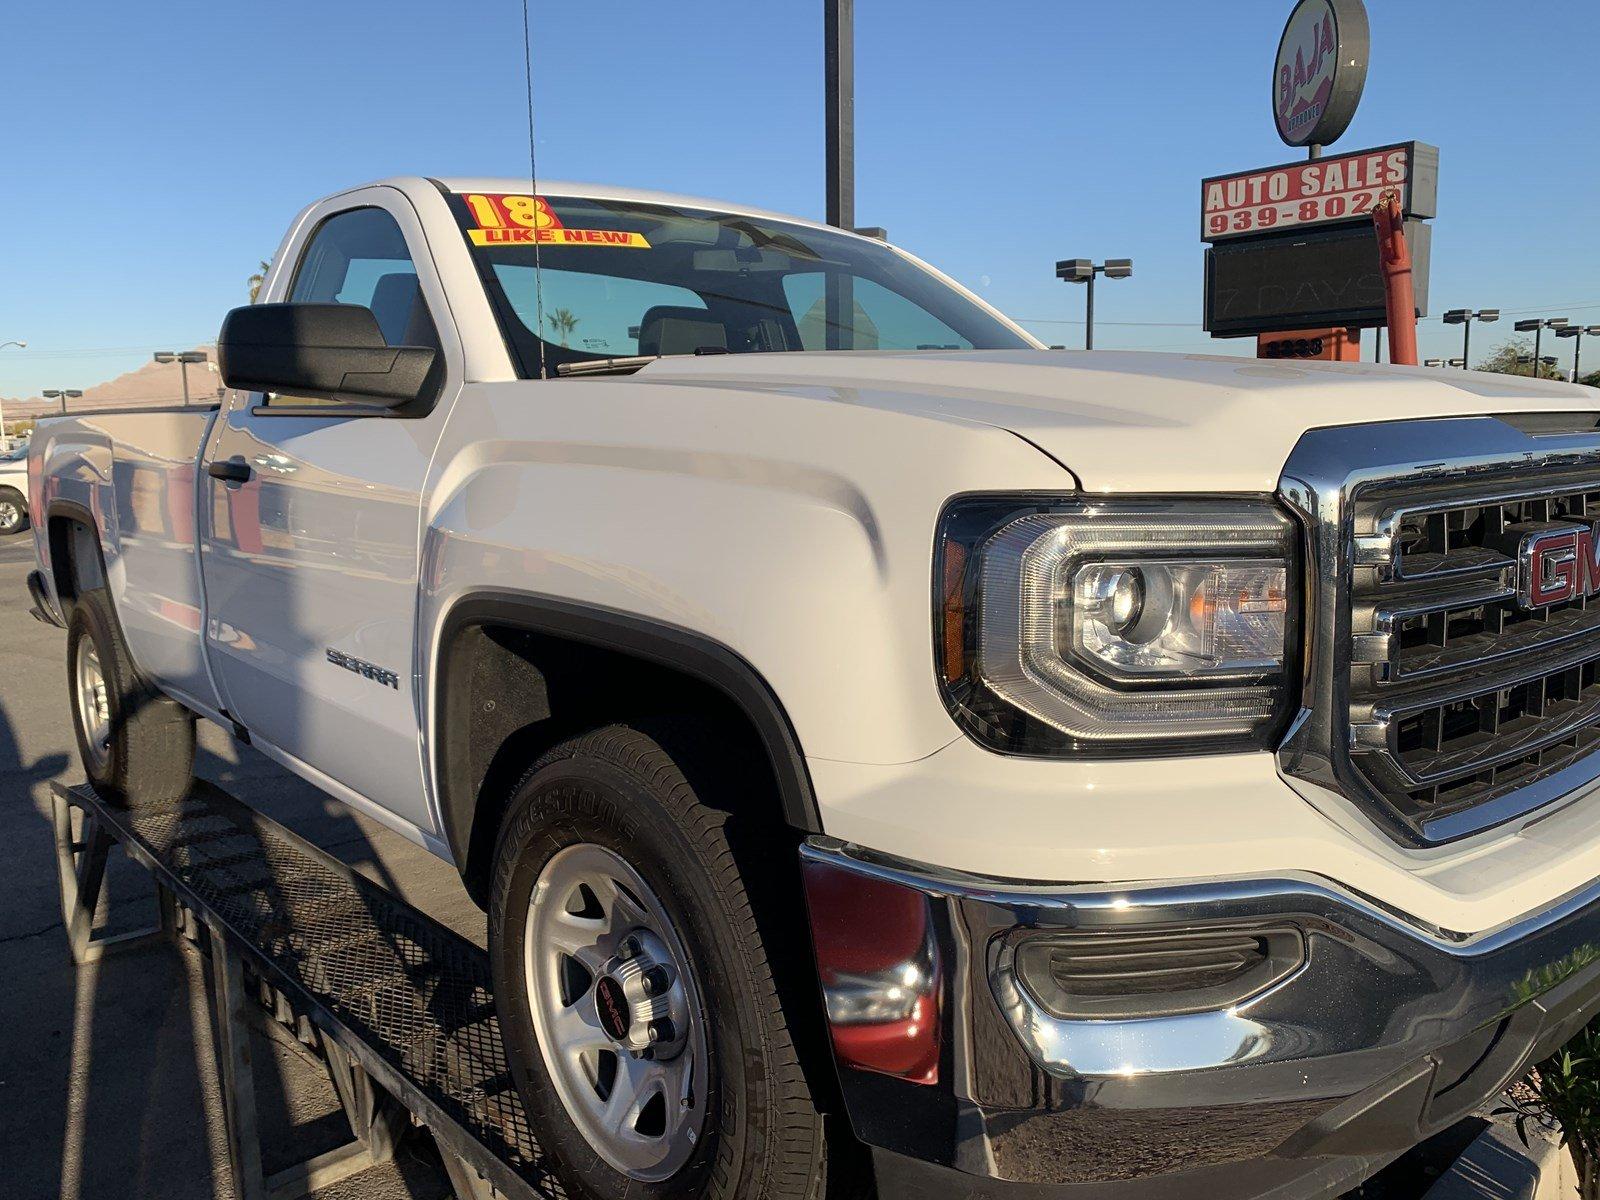 2018 GMC Sierra 1500 REG CAB 2WD 133.0 in Las Vegas, NV